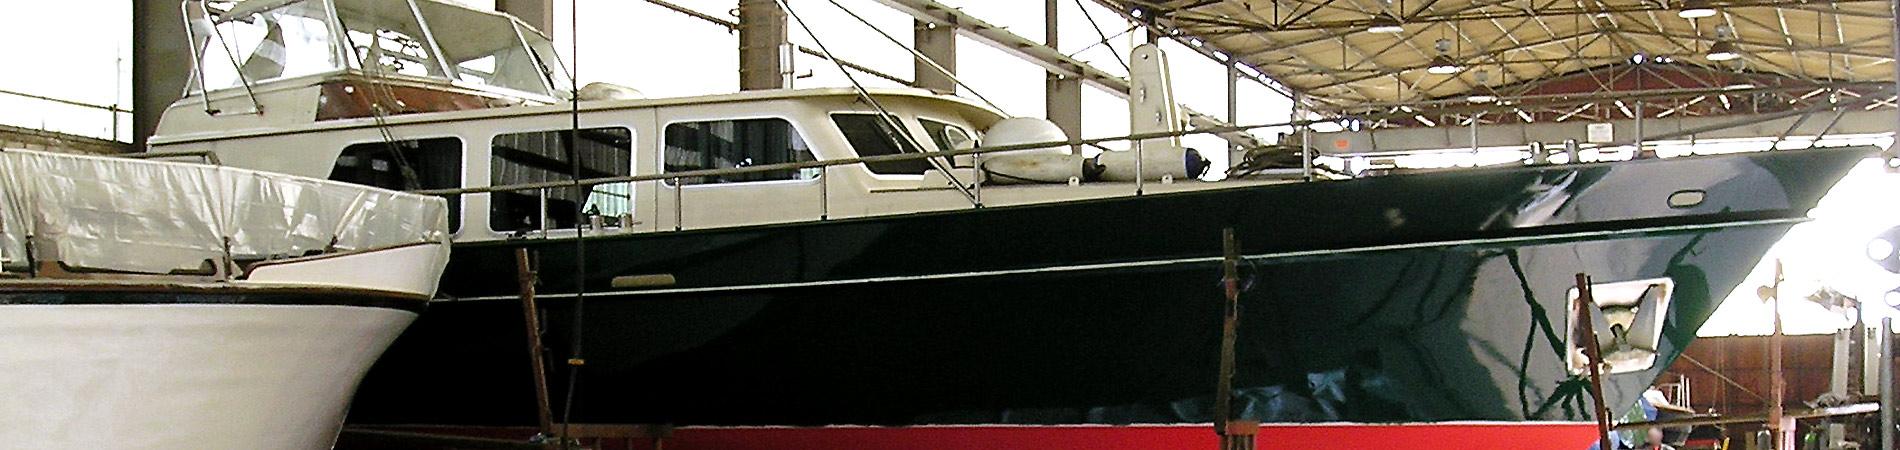 Yachtservice Meidericher Schiffswerft MSW Duisburg - Frei & Hallenlager